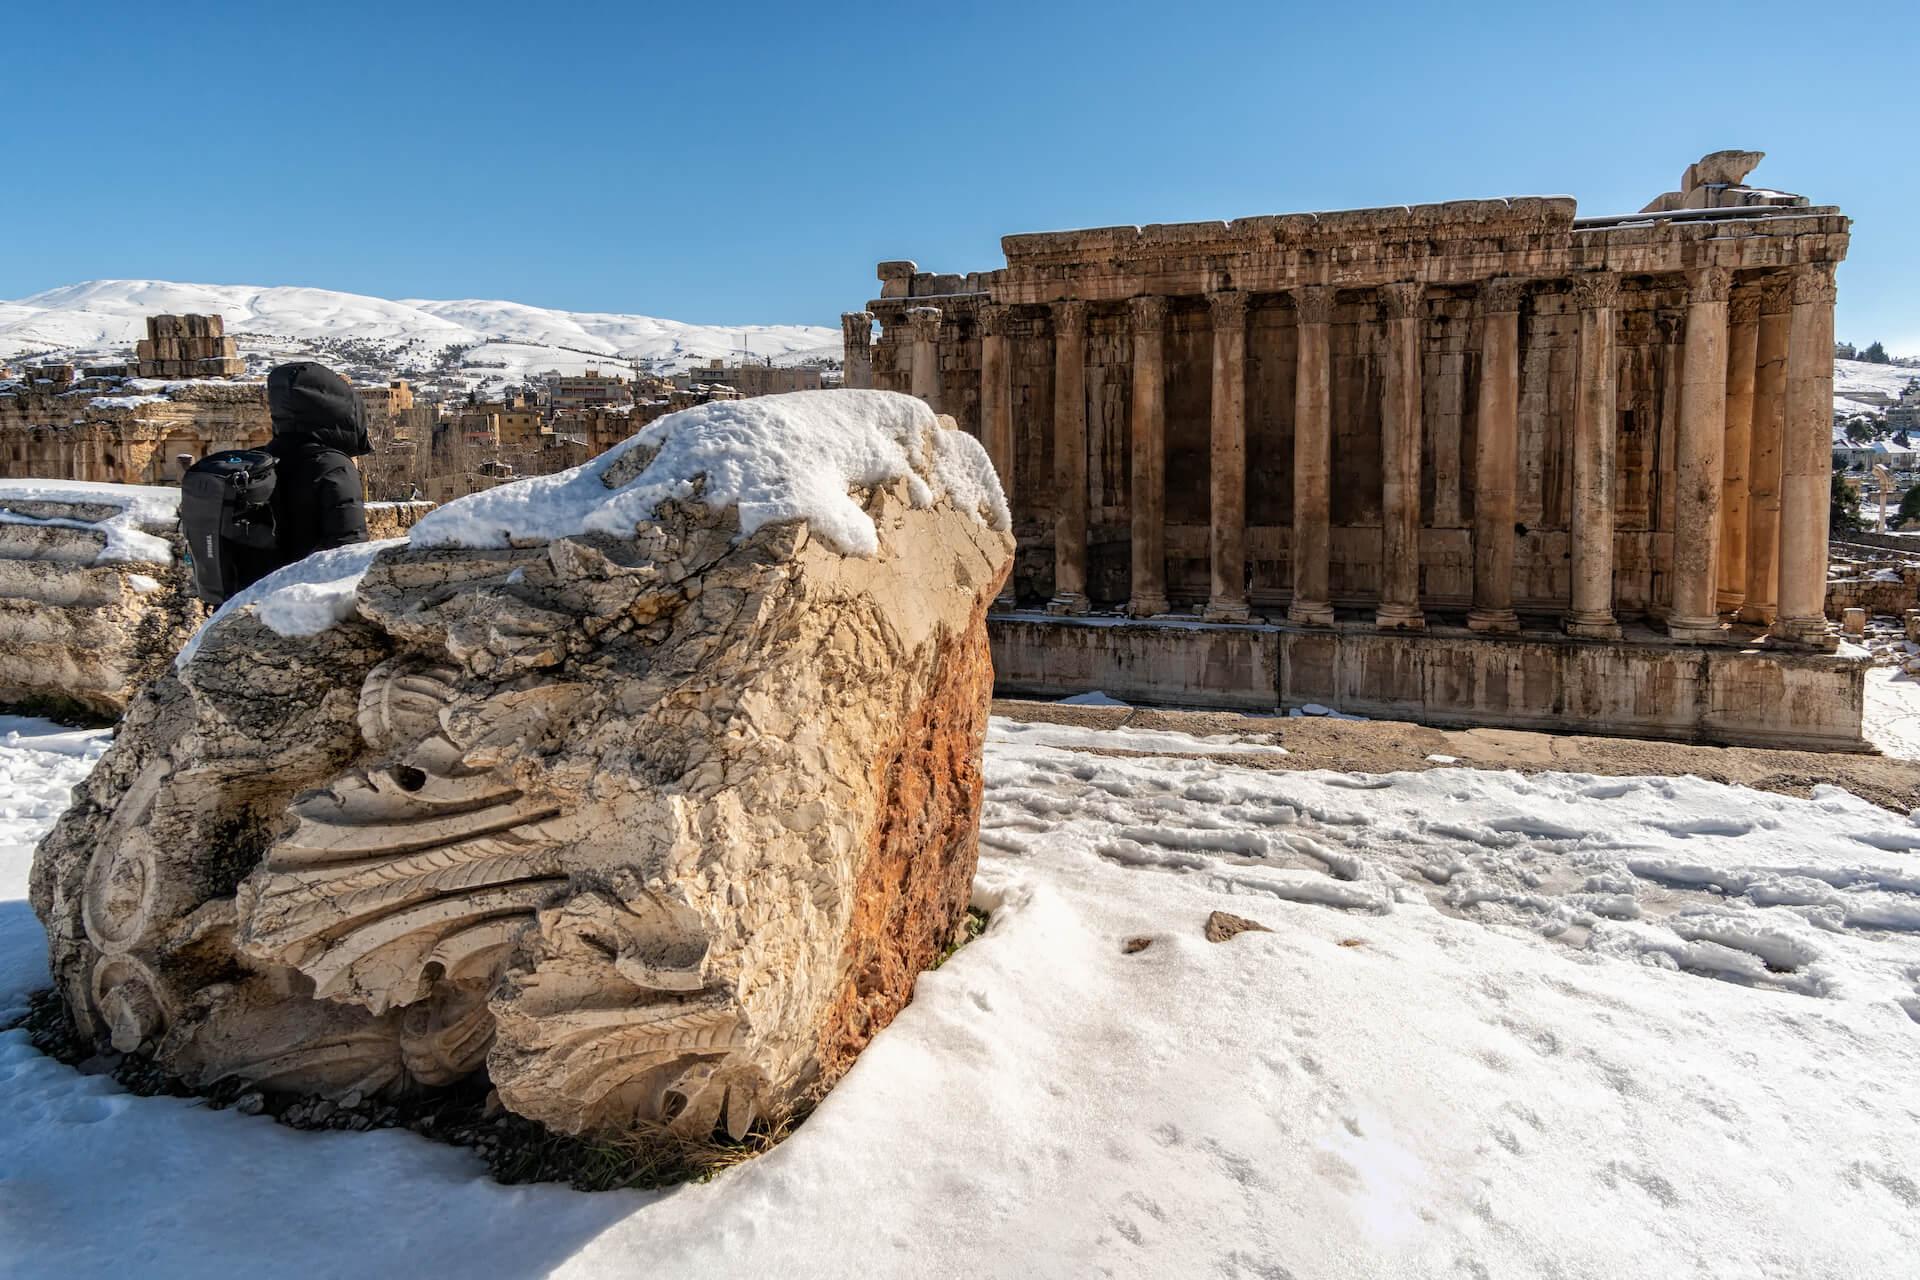 De Tempel van Bacchus in de sneeuw in Baalbek